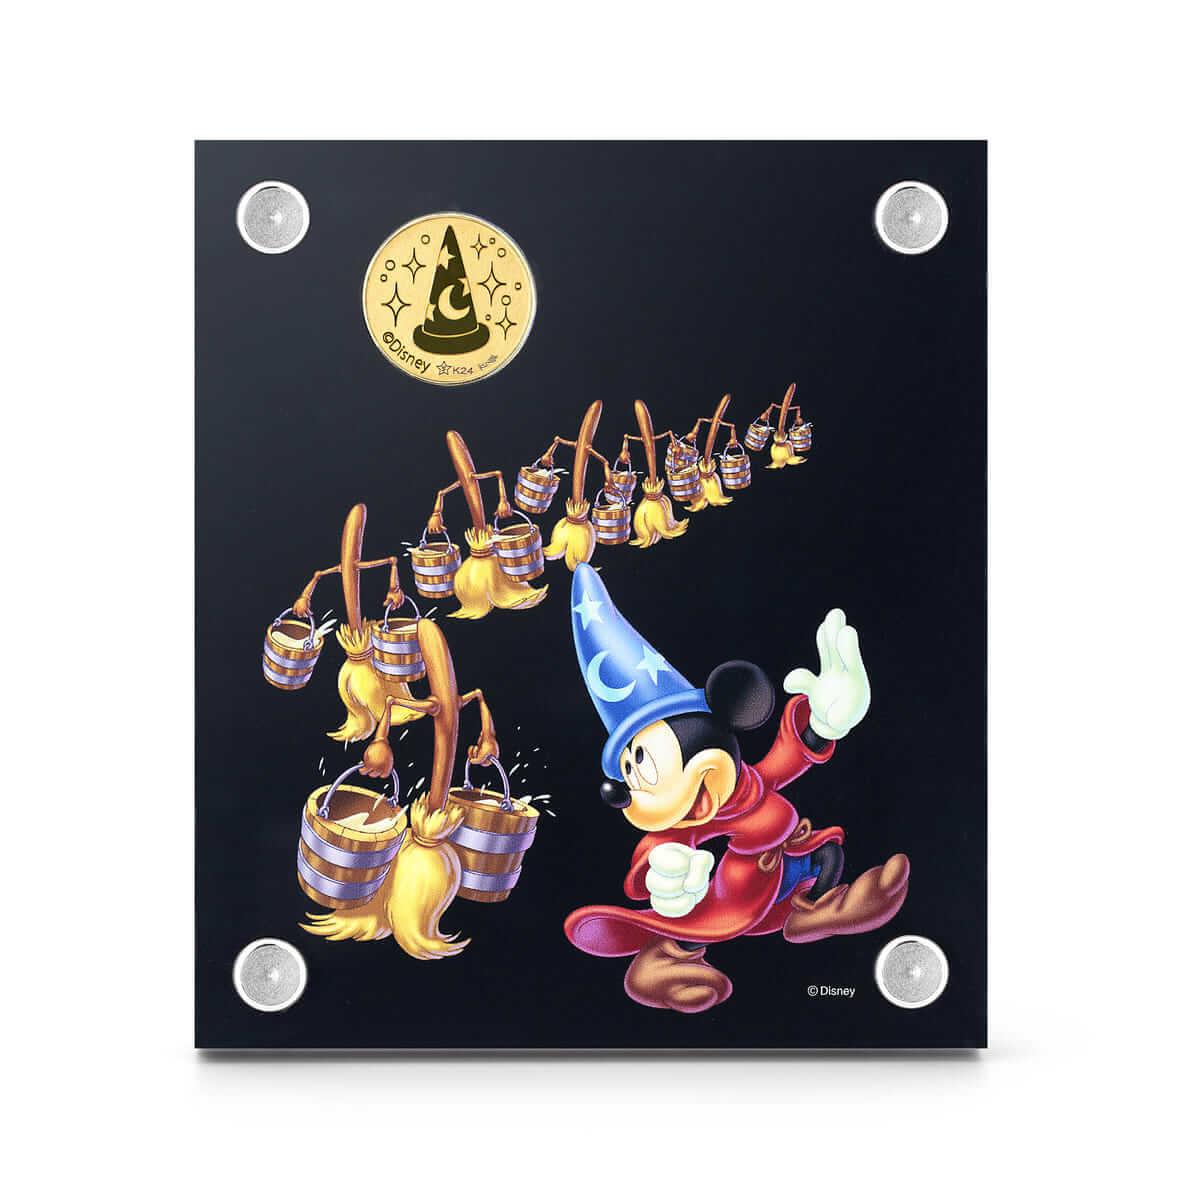 「ミッキーマウス 特別限定純金メダル 『ファンタジア』」(裏面)